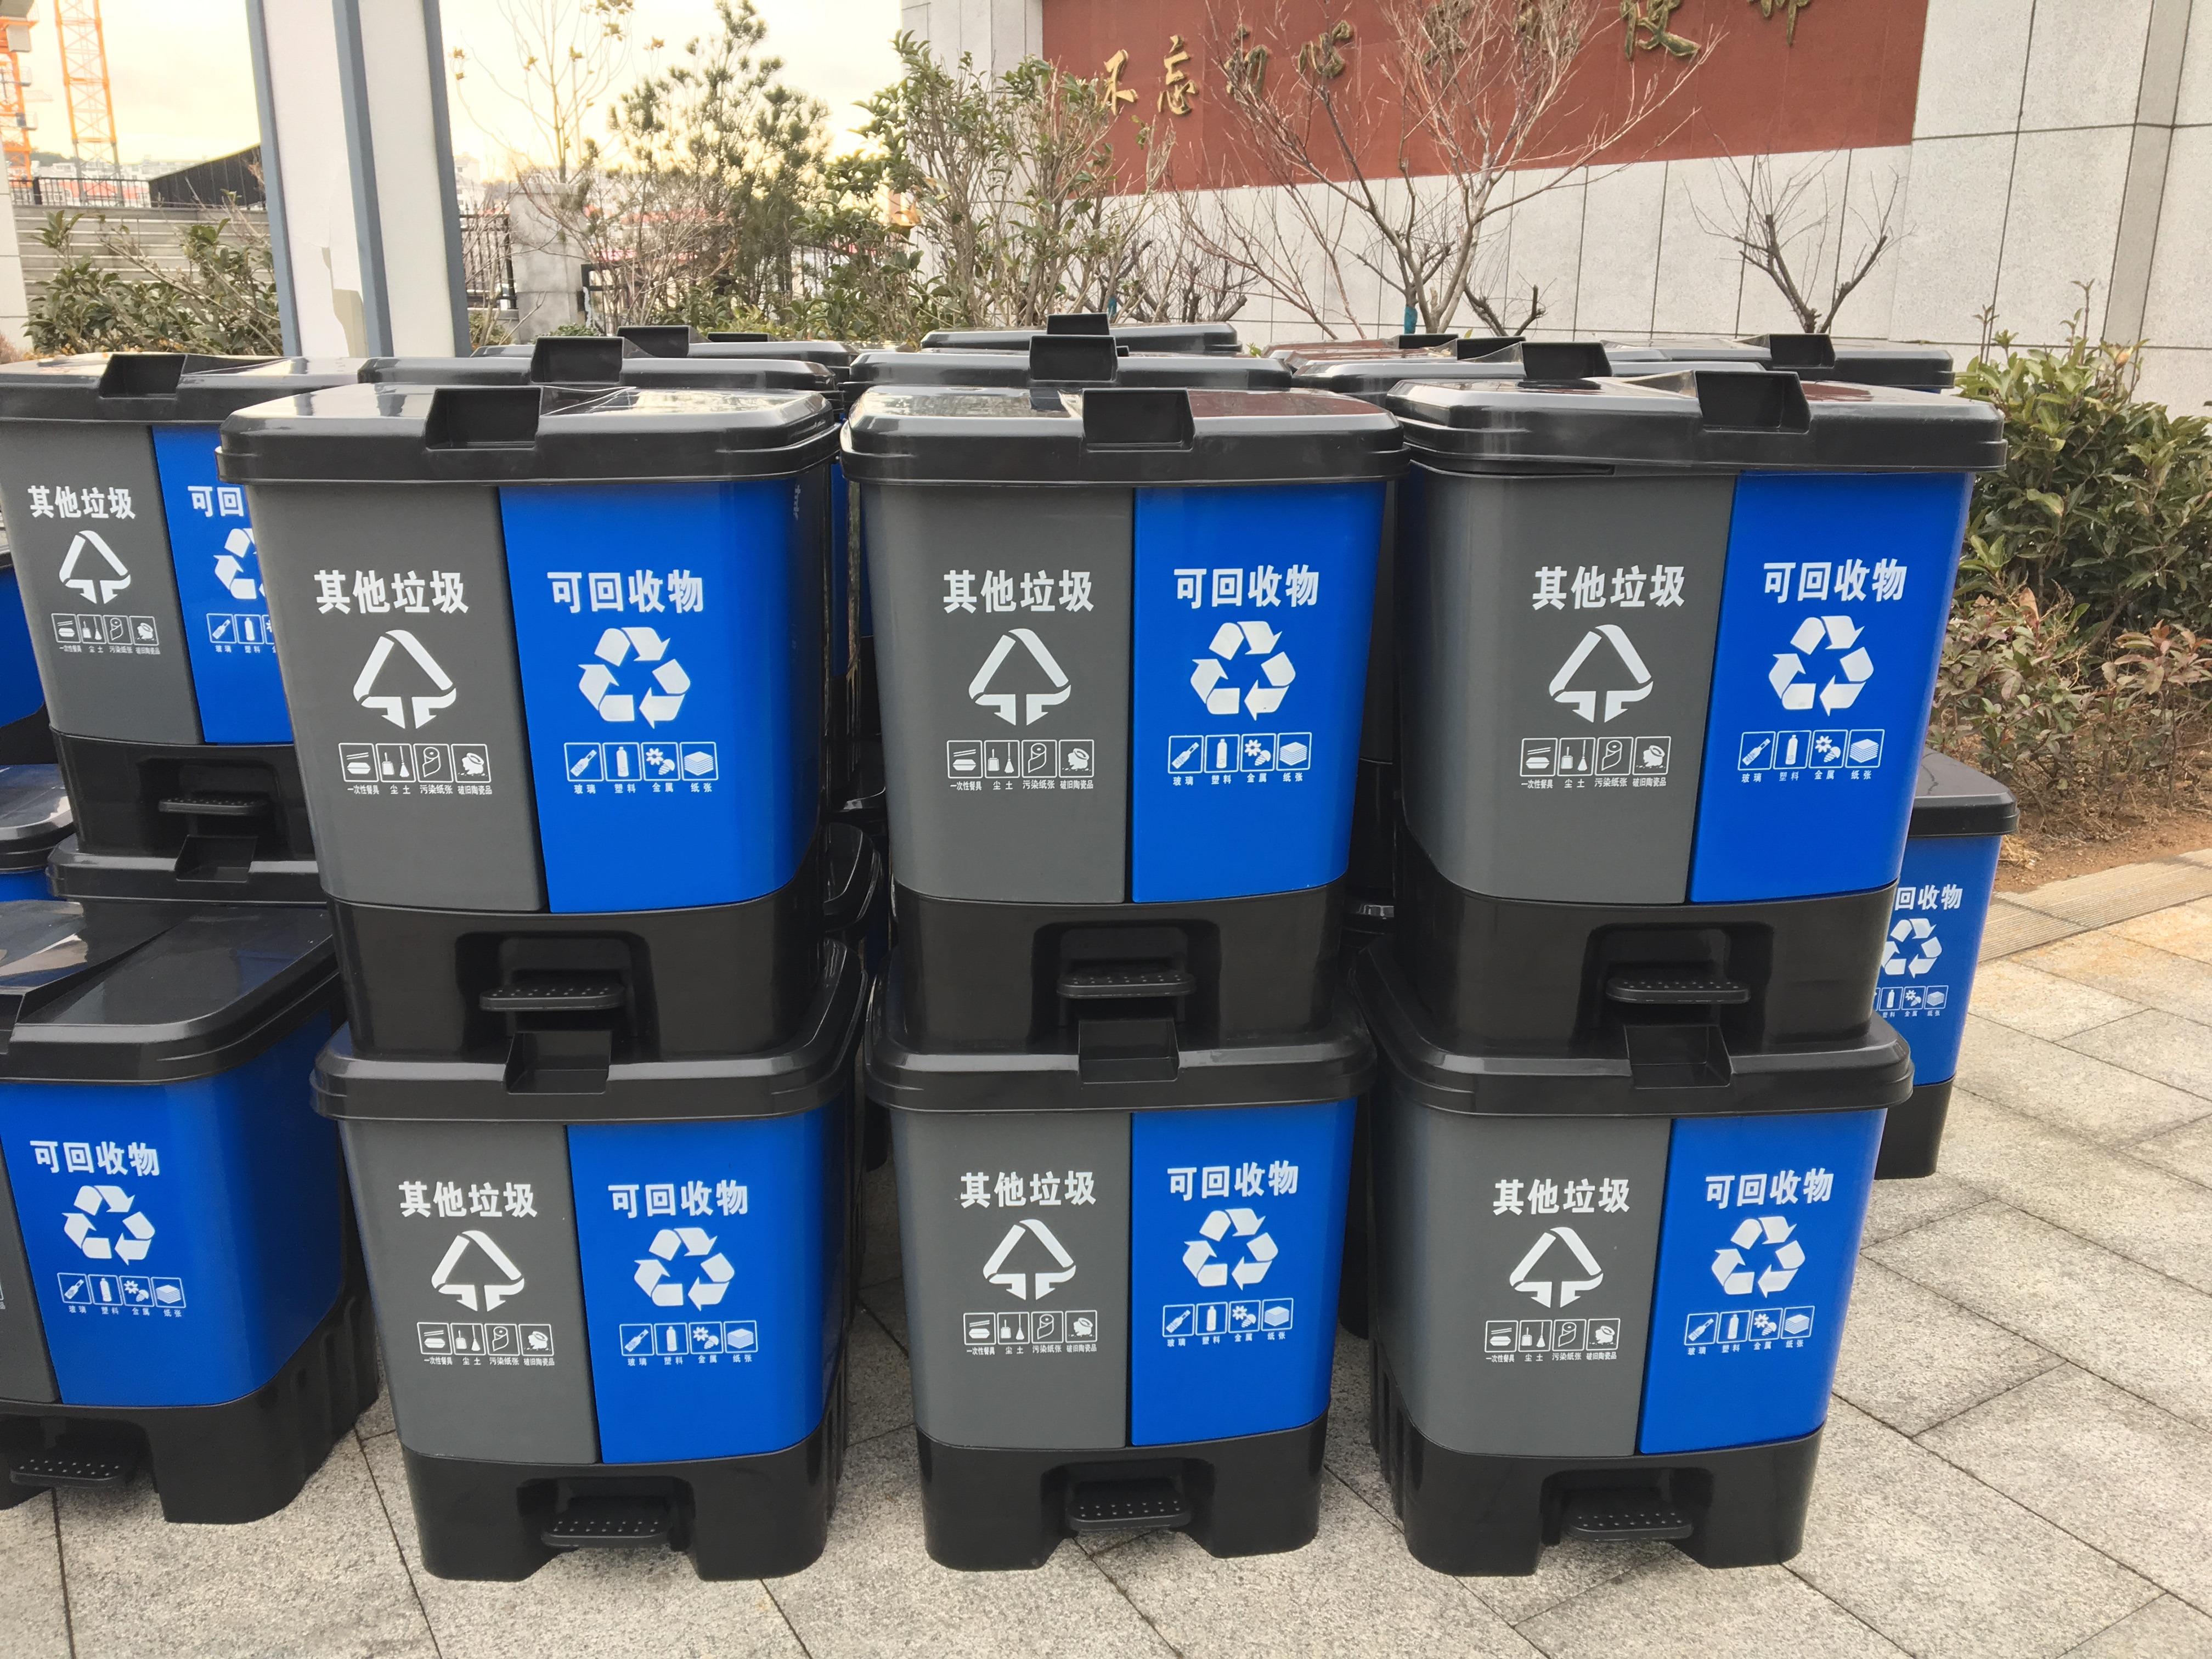 脚踏塑料分类垃圾桶